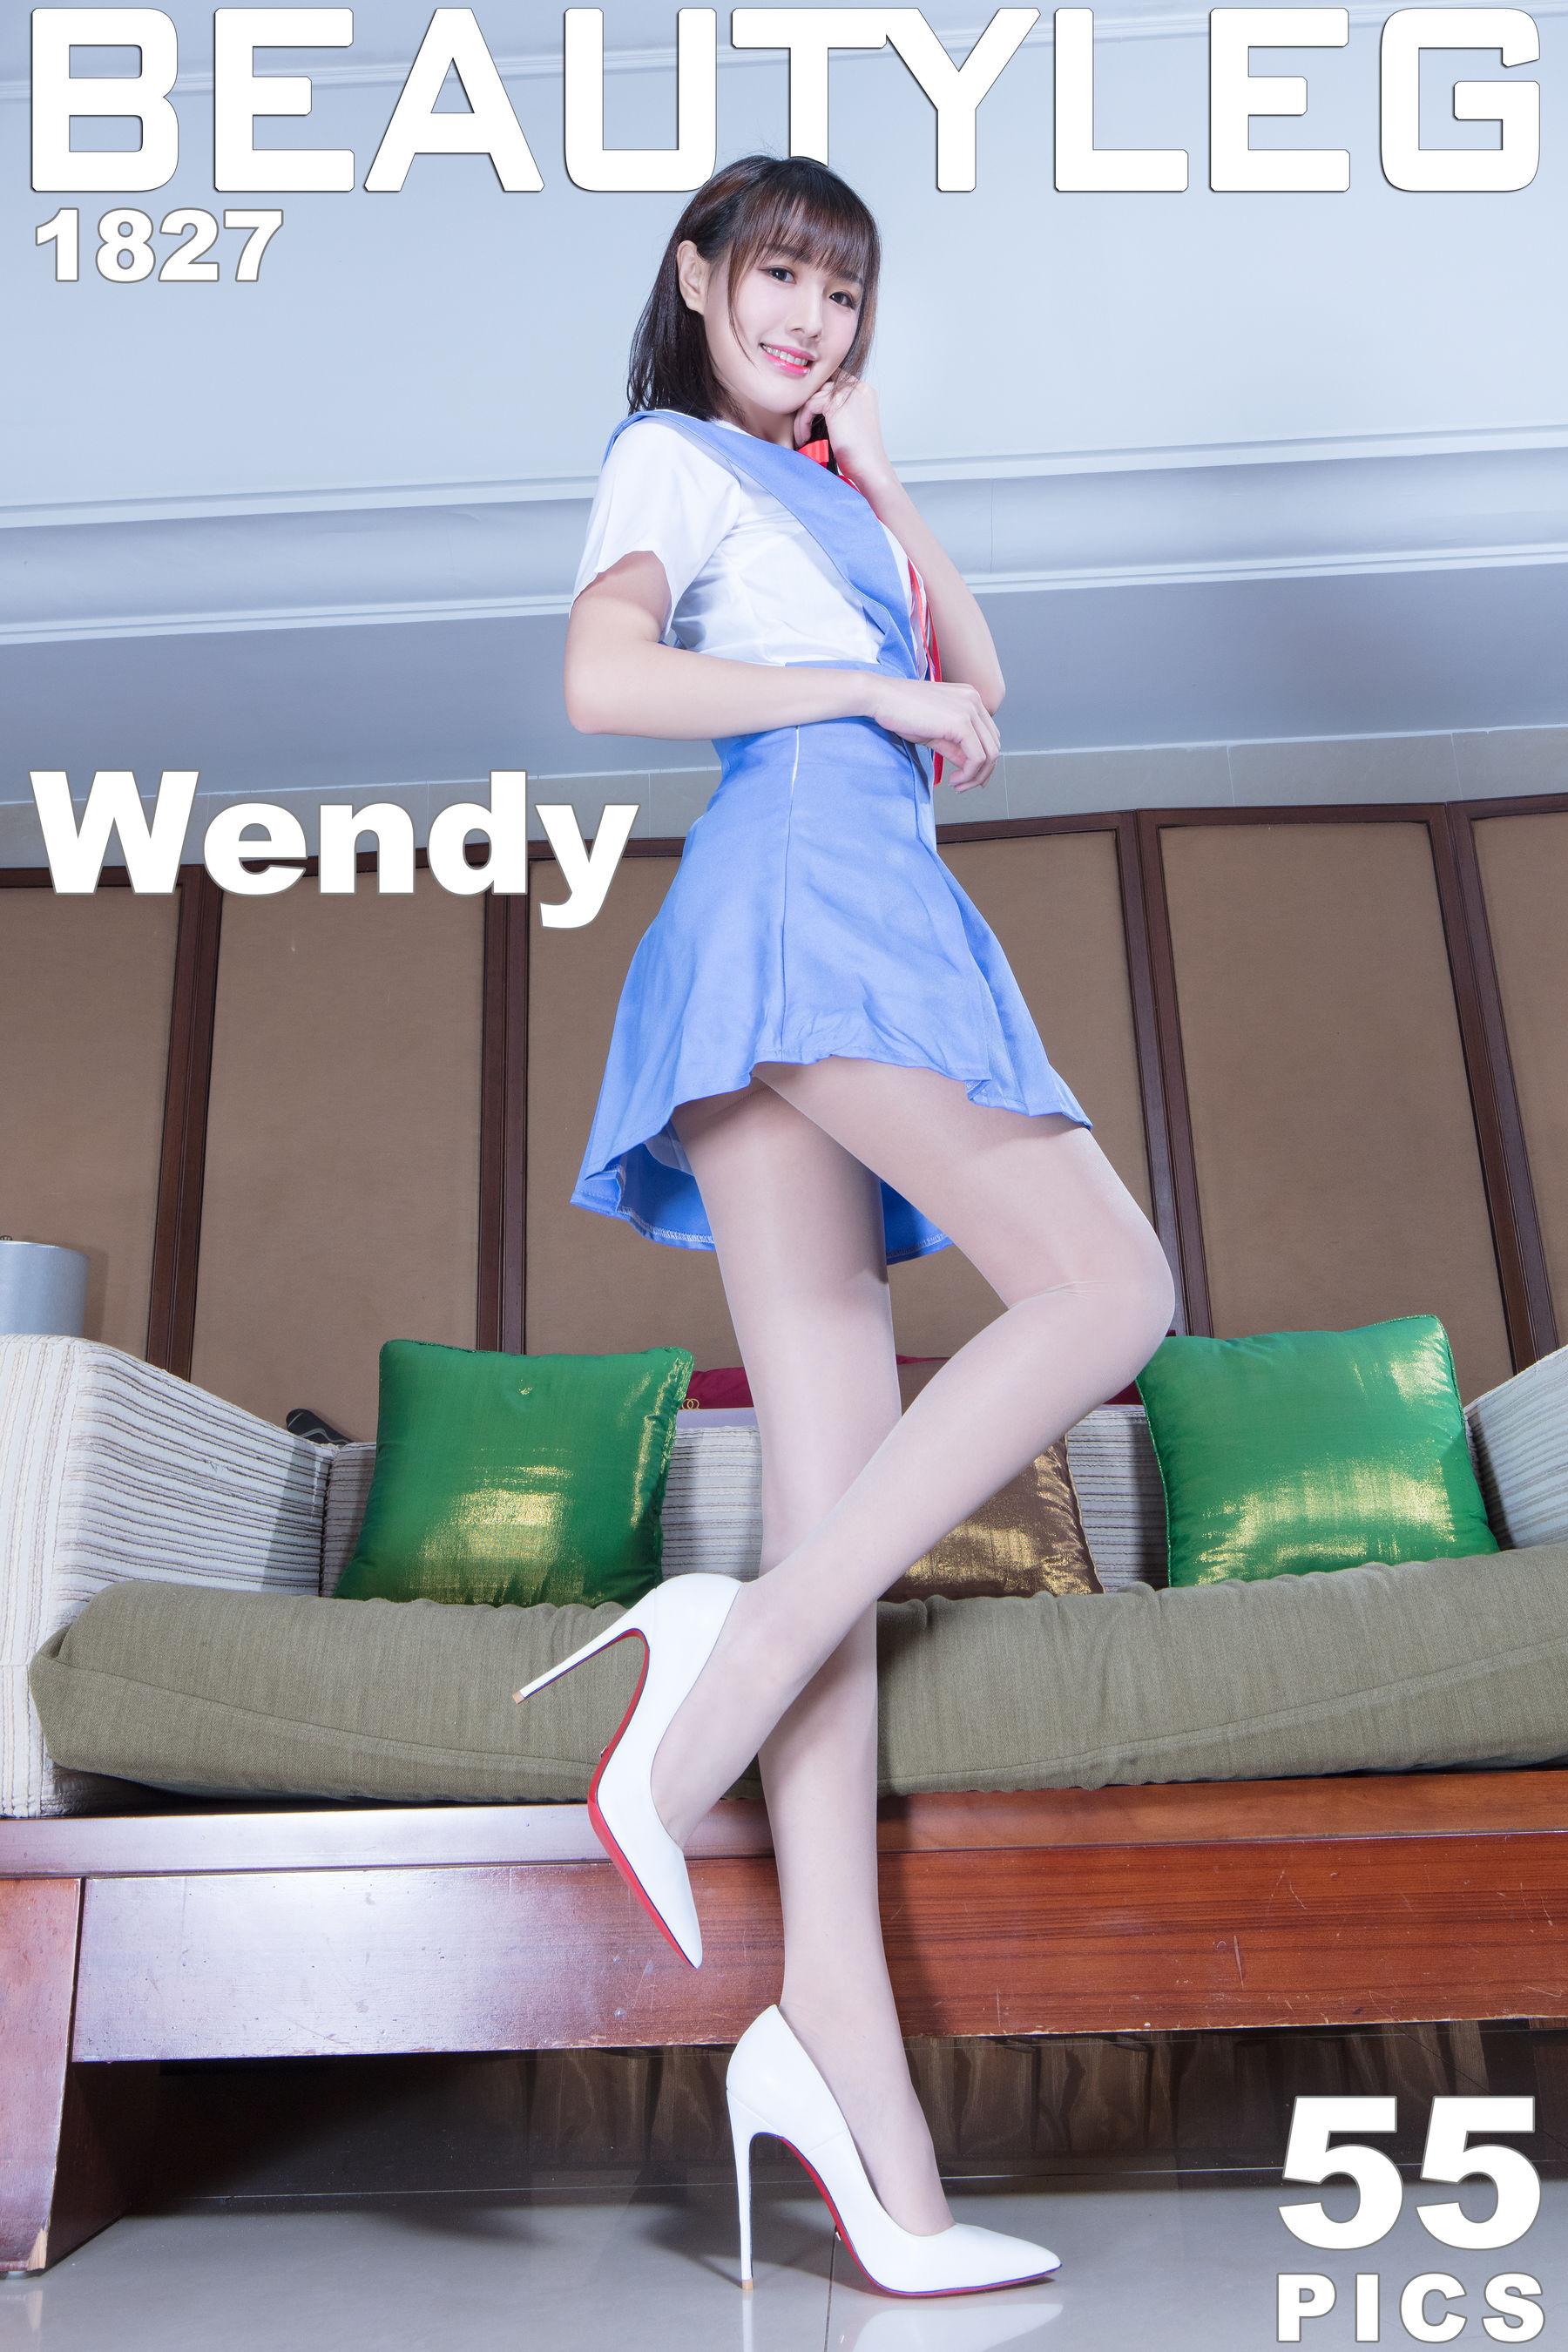 VOL.1710 [Beautyleg]制服丝袜美腿:腿模Wendy(Beautyleg Wendy)超高清个人性感漂亮大图(49P)